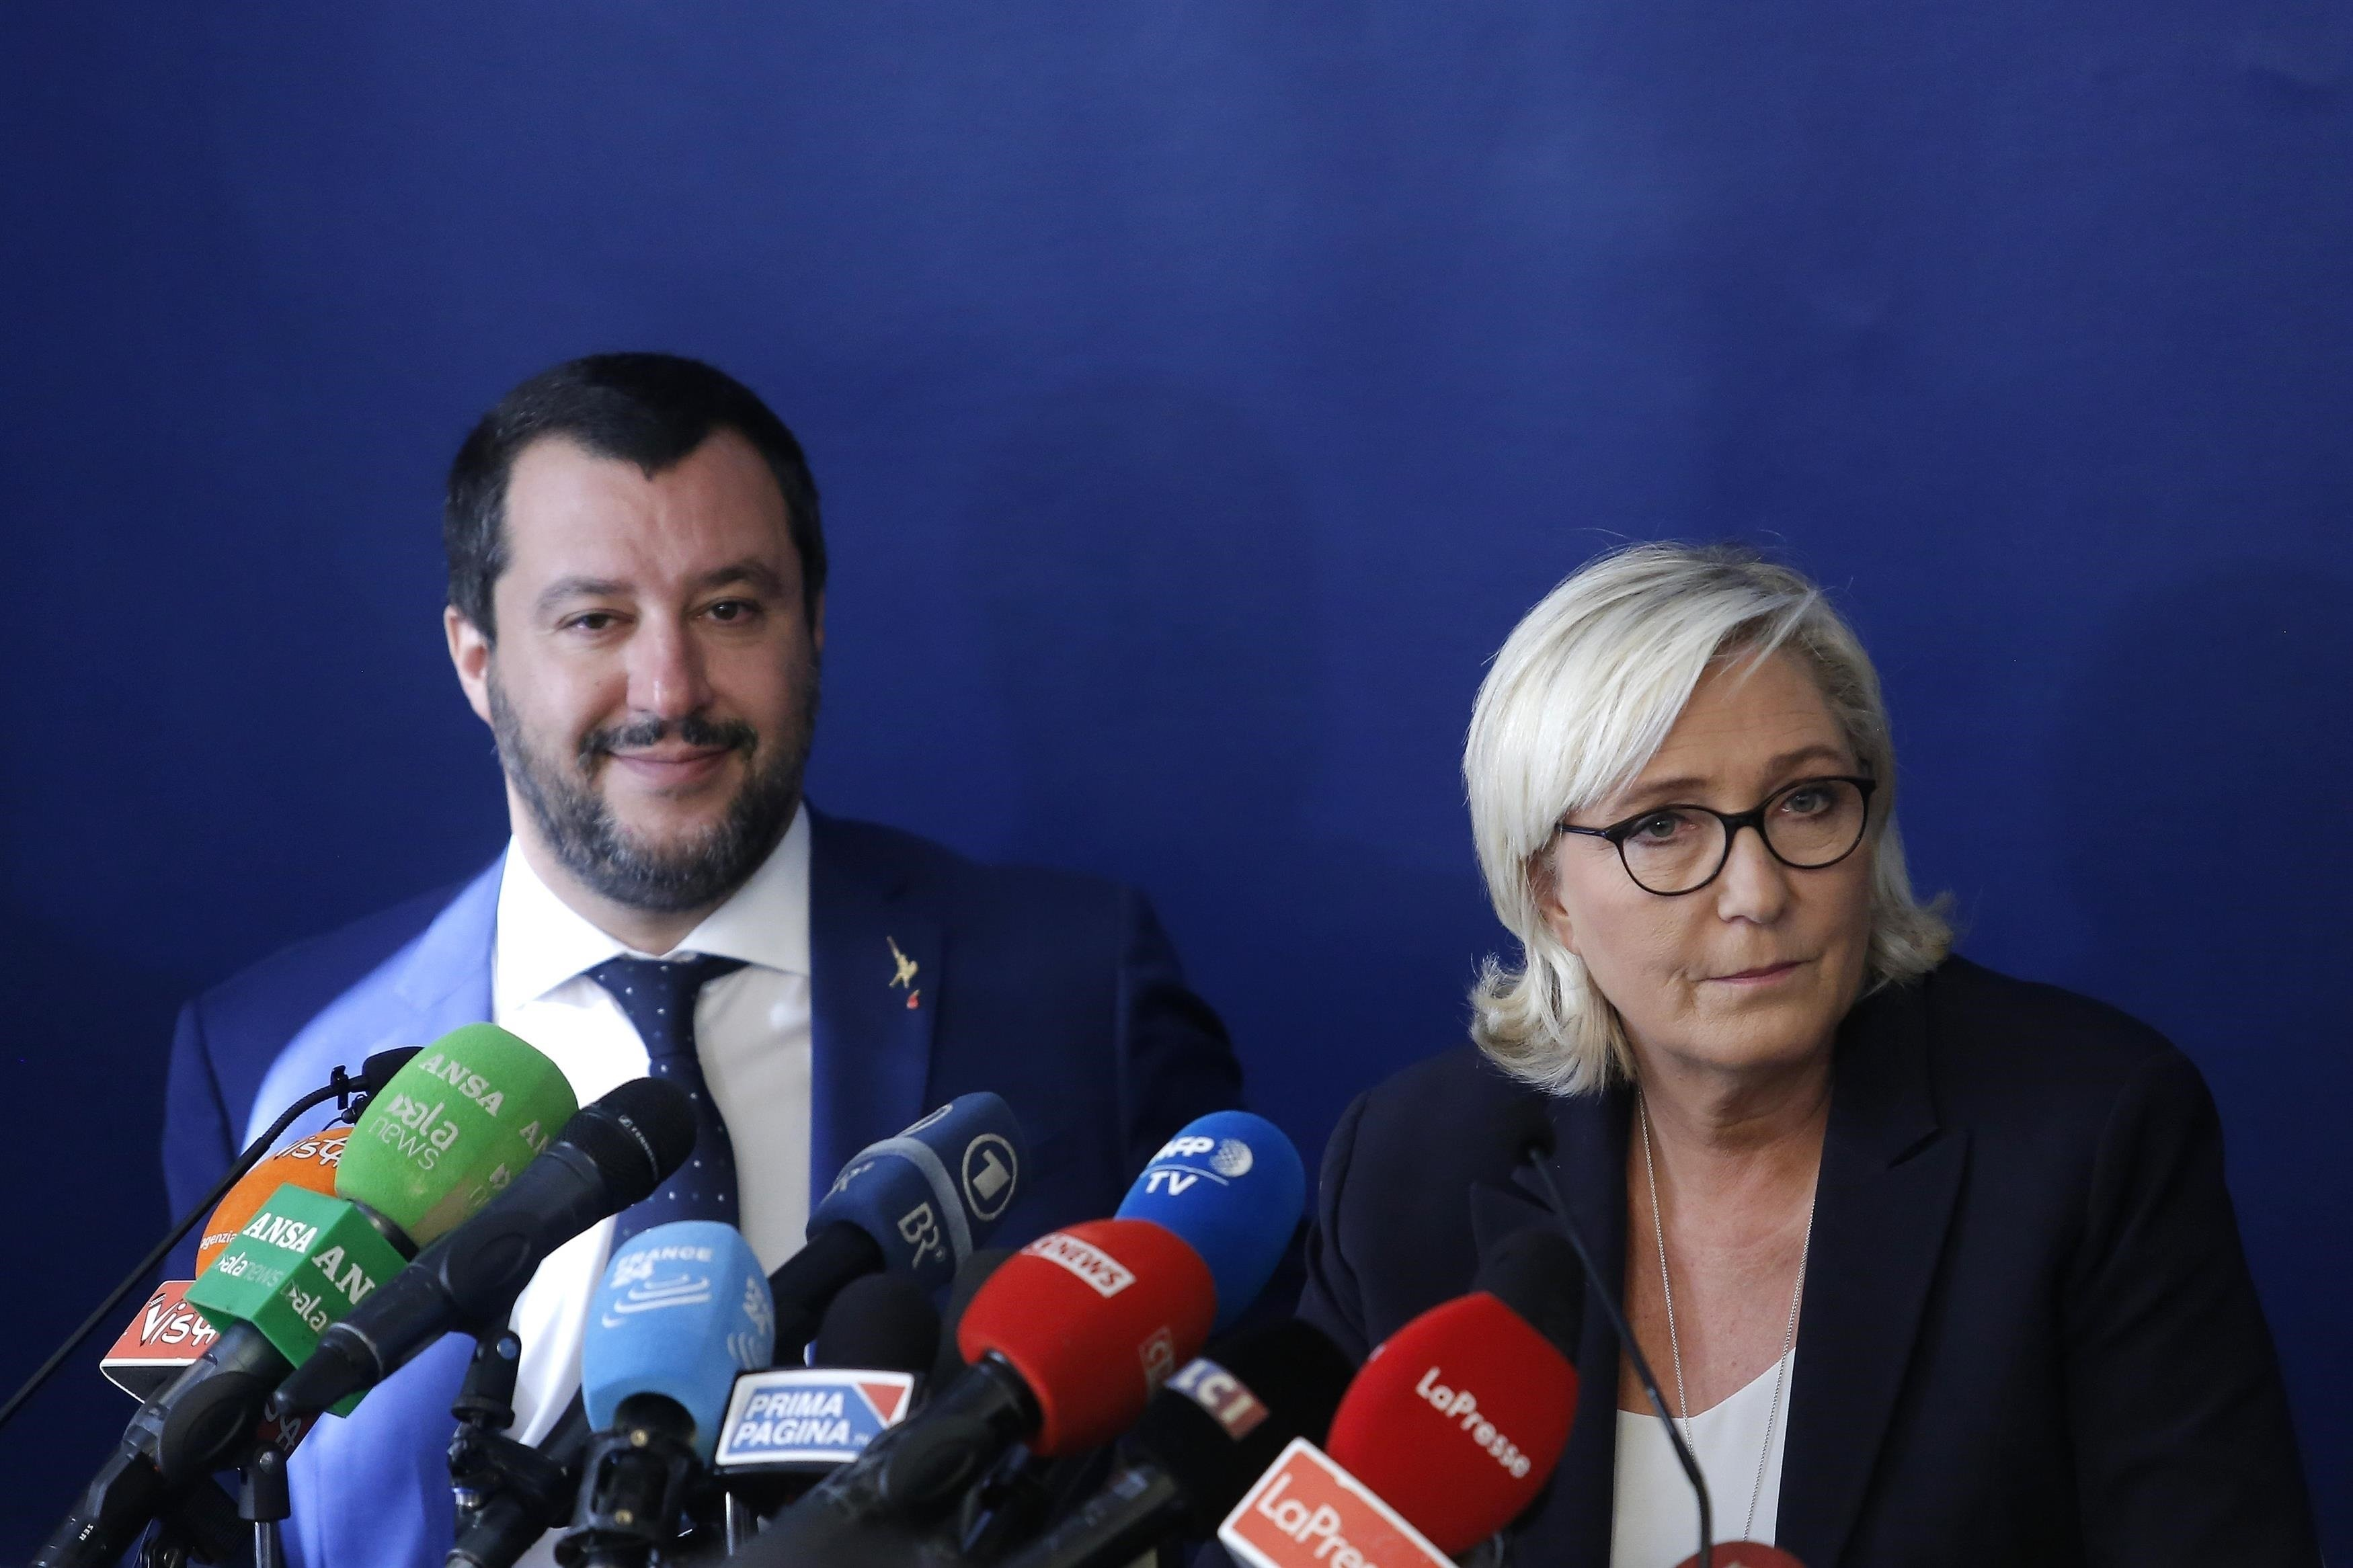 Matteo Salvini a Marine Le Penová během setkání v Římě